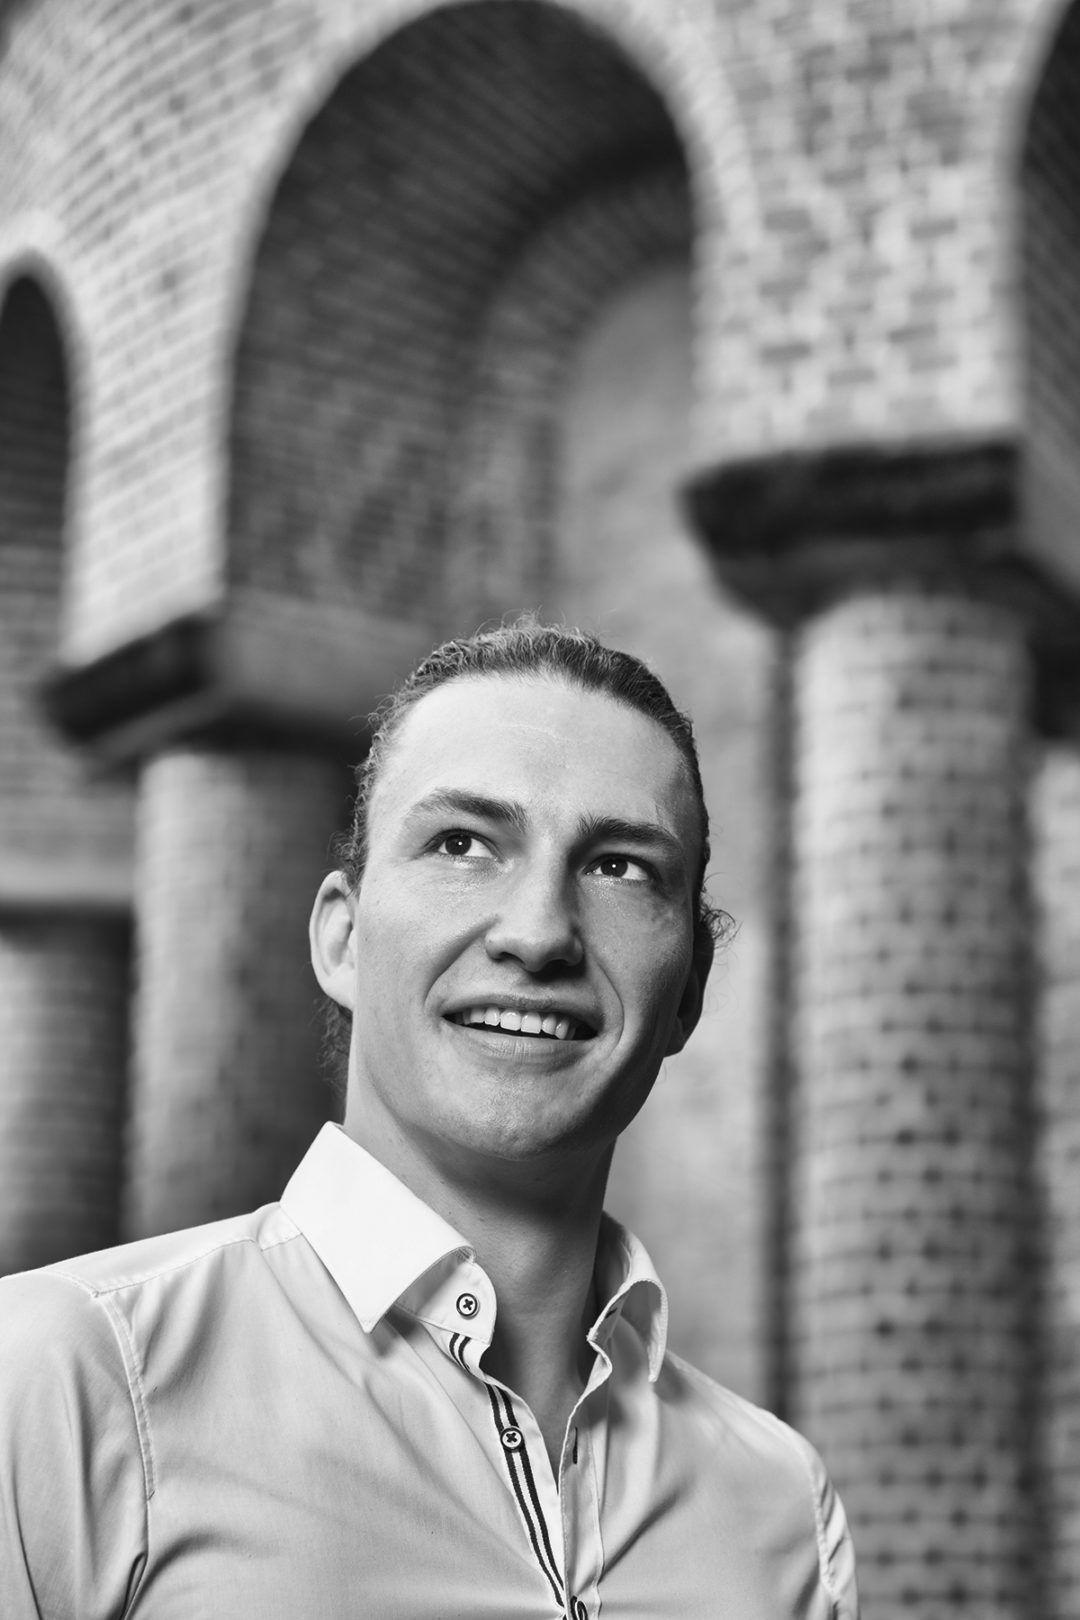 Stoere foto van personal trainer Jochem bij het Leerhotel Het Klooster in Amersfoort